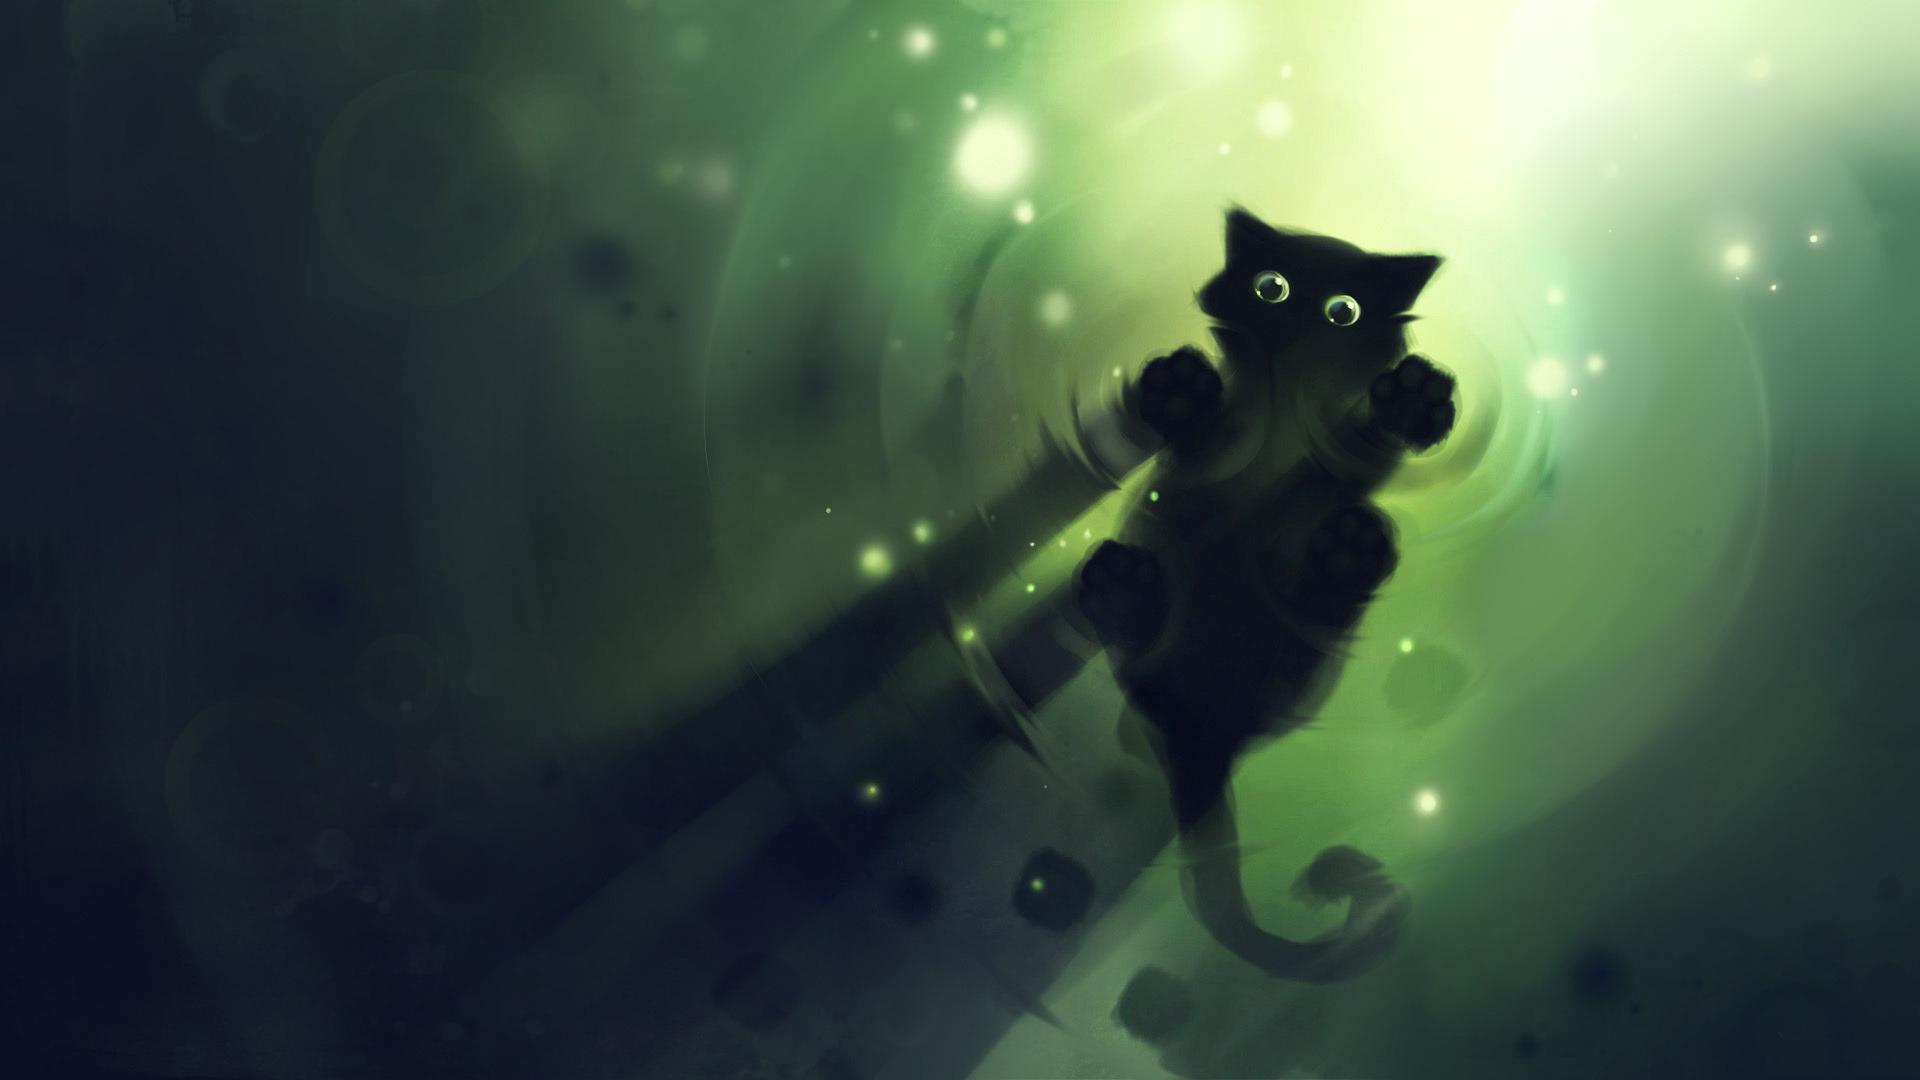 нарисованная кошка обои на рабочий стол № 1412669  скачать